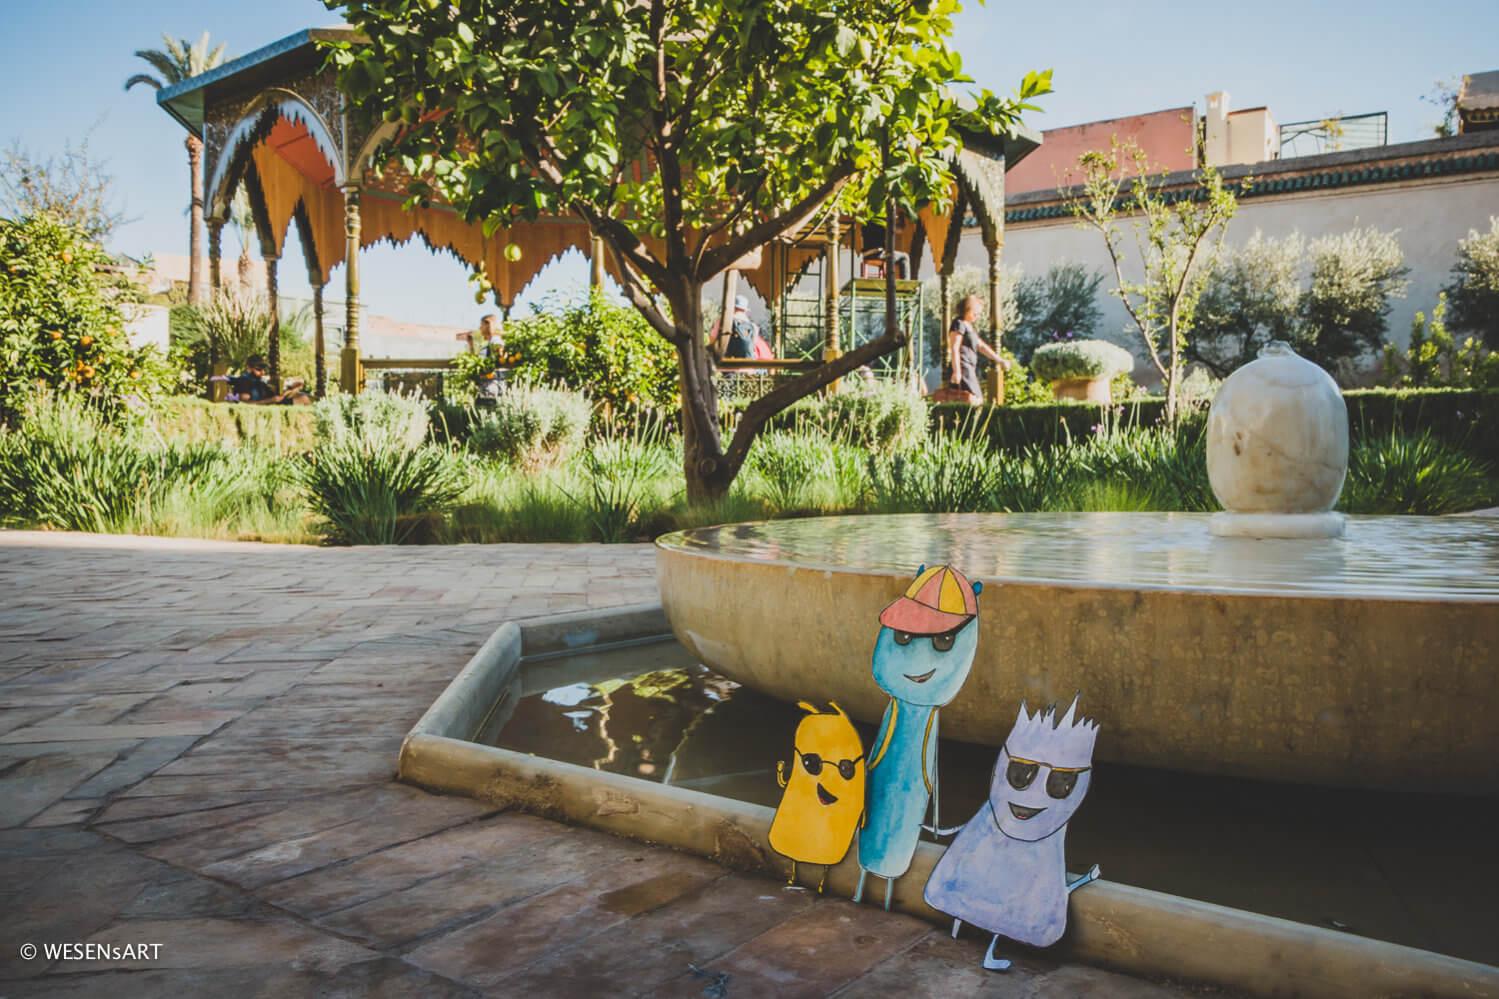 WESENsART – wenn Wesen reisen, dieses Mal Marrakesh, Secret Garden, ein Reise-Abenteuer